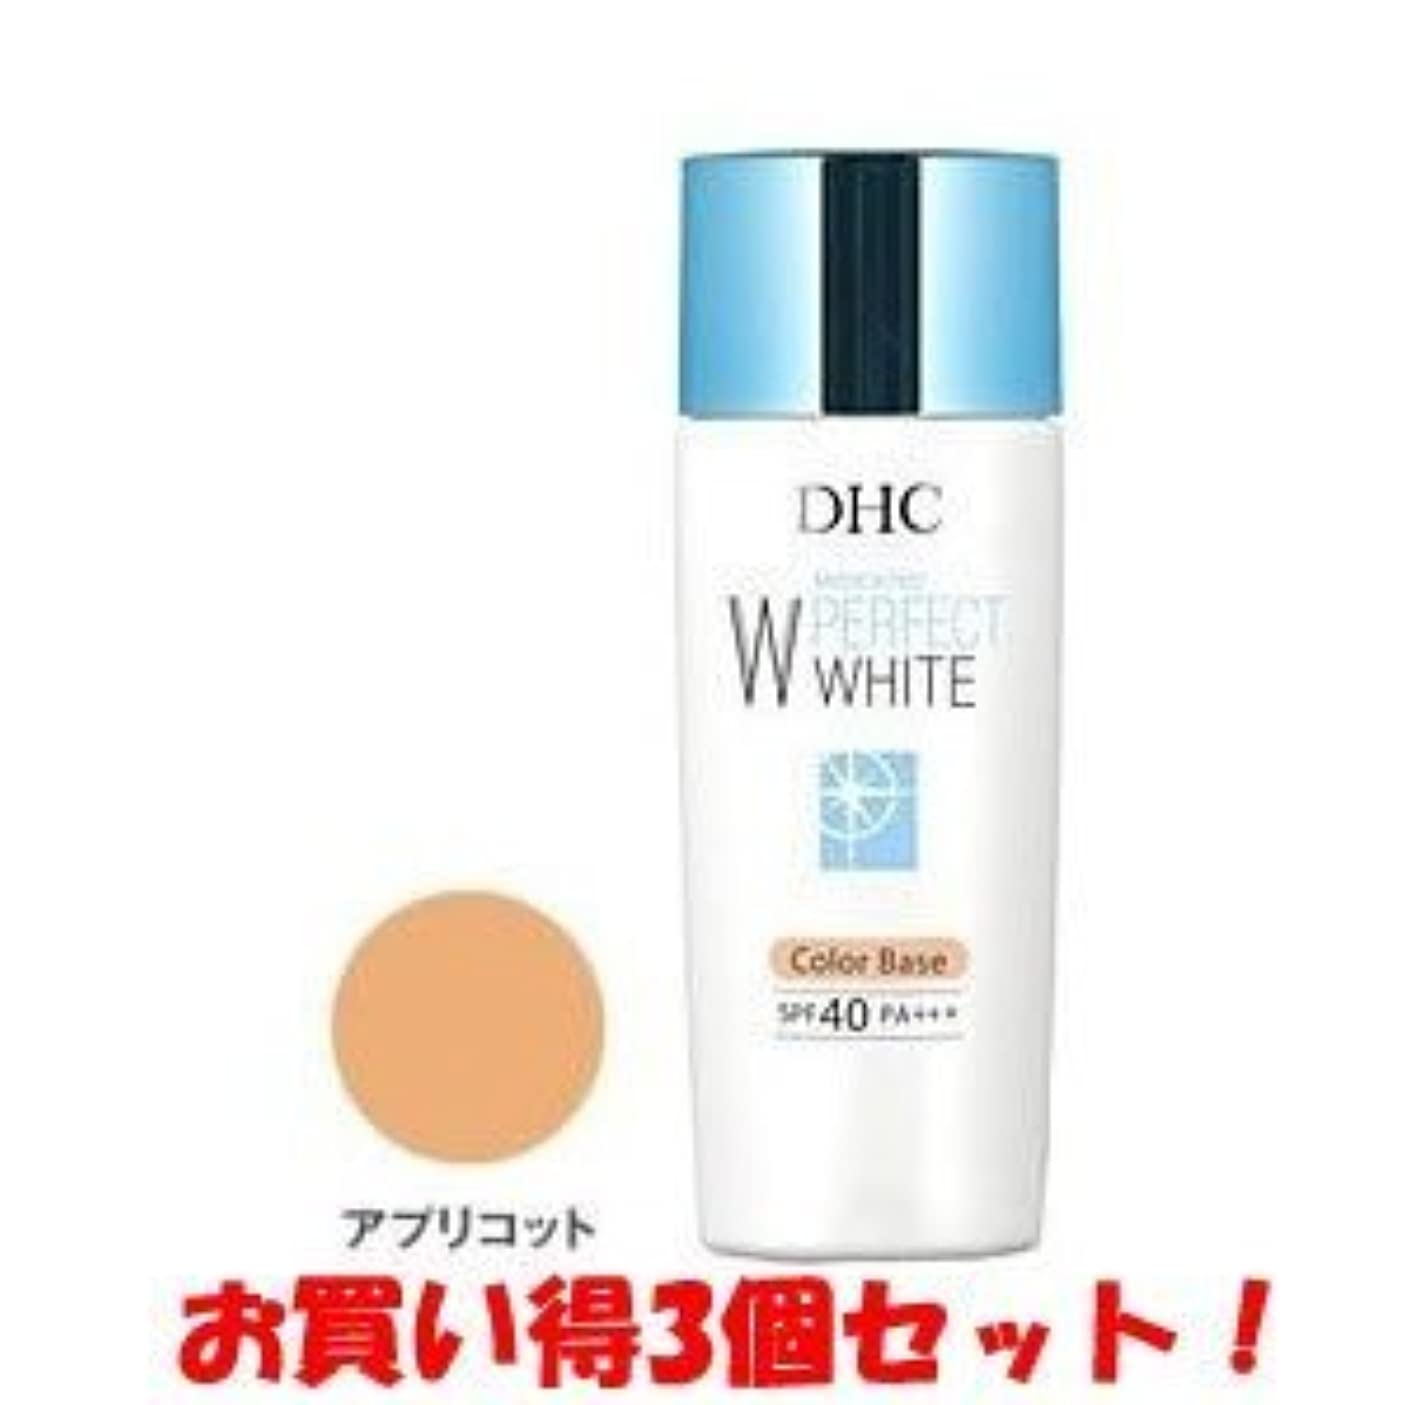 危険委員長砂漠DHC 薬用パーフェクトホワイト カラーベース アプリコット 30g(医薬部外品)(お買い得3個セット)